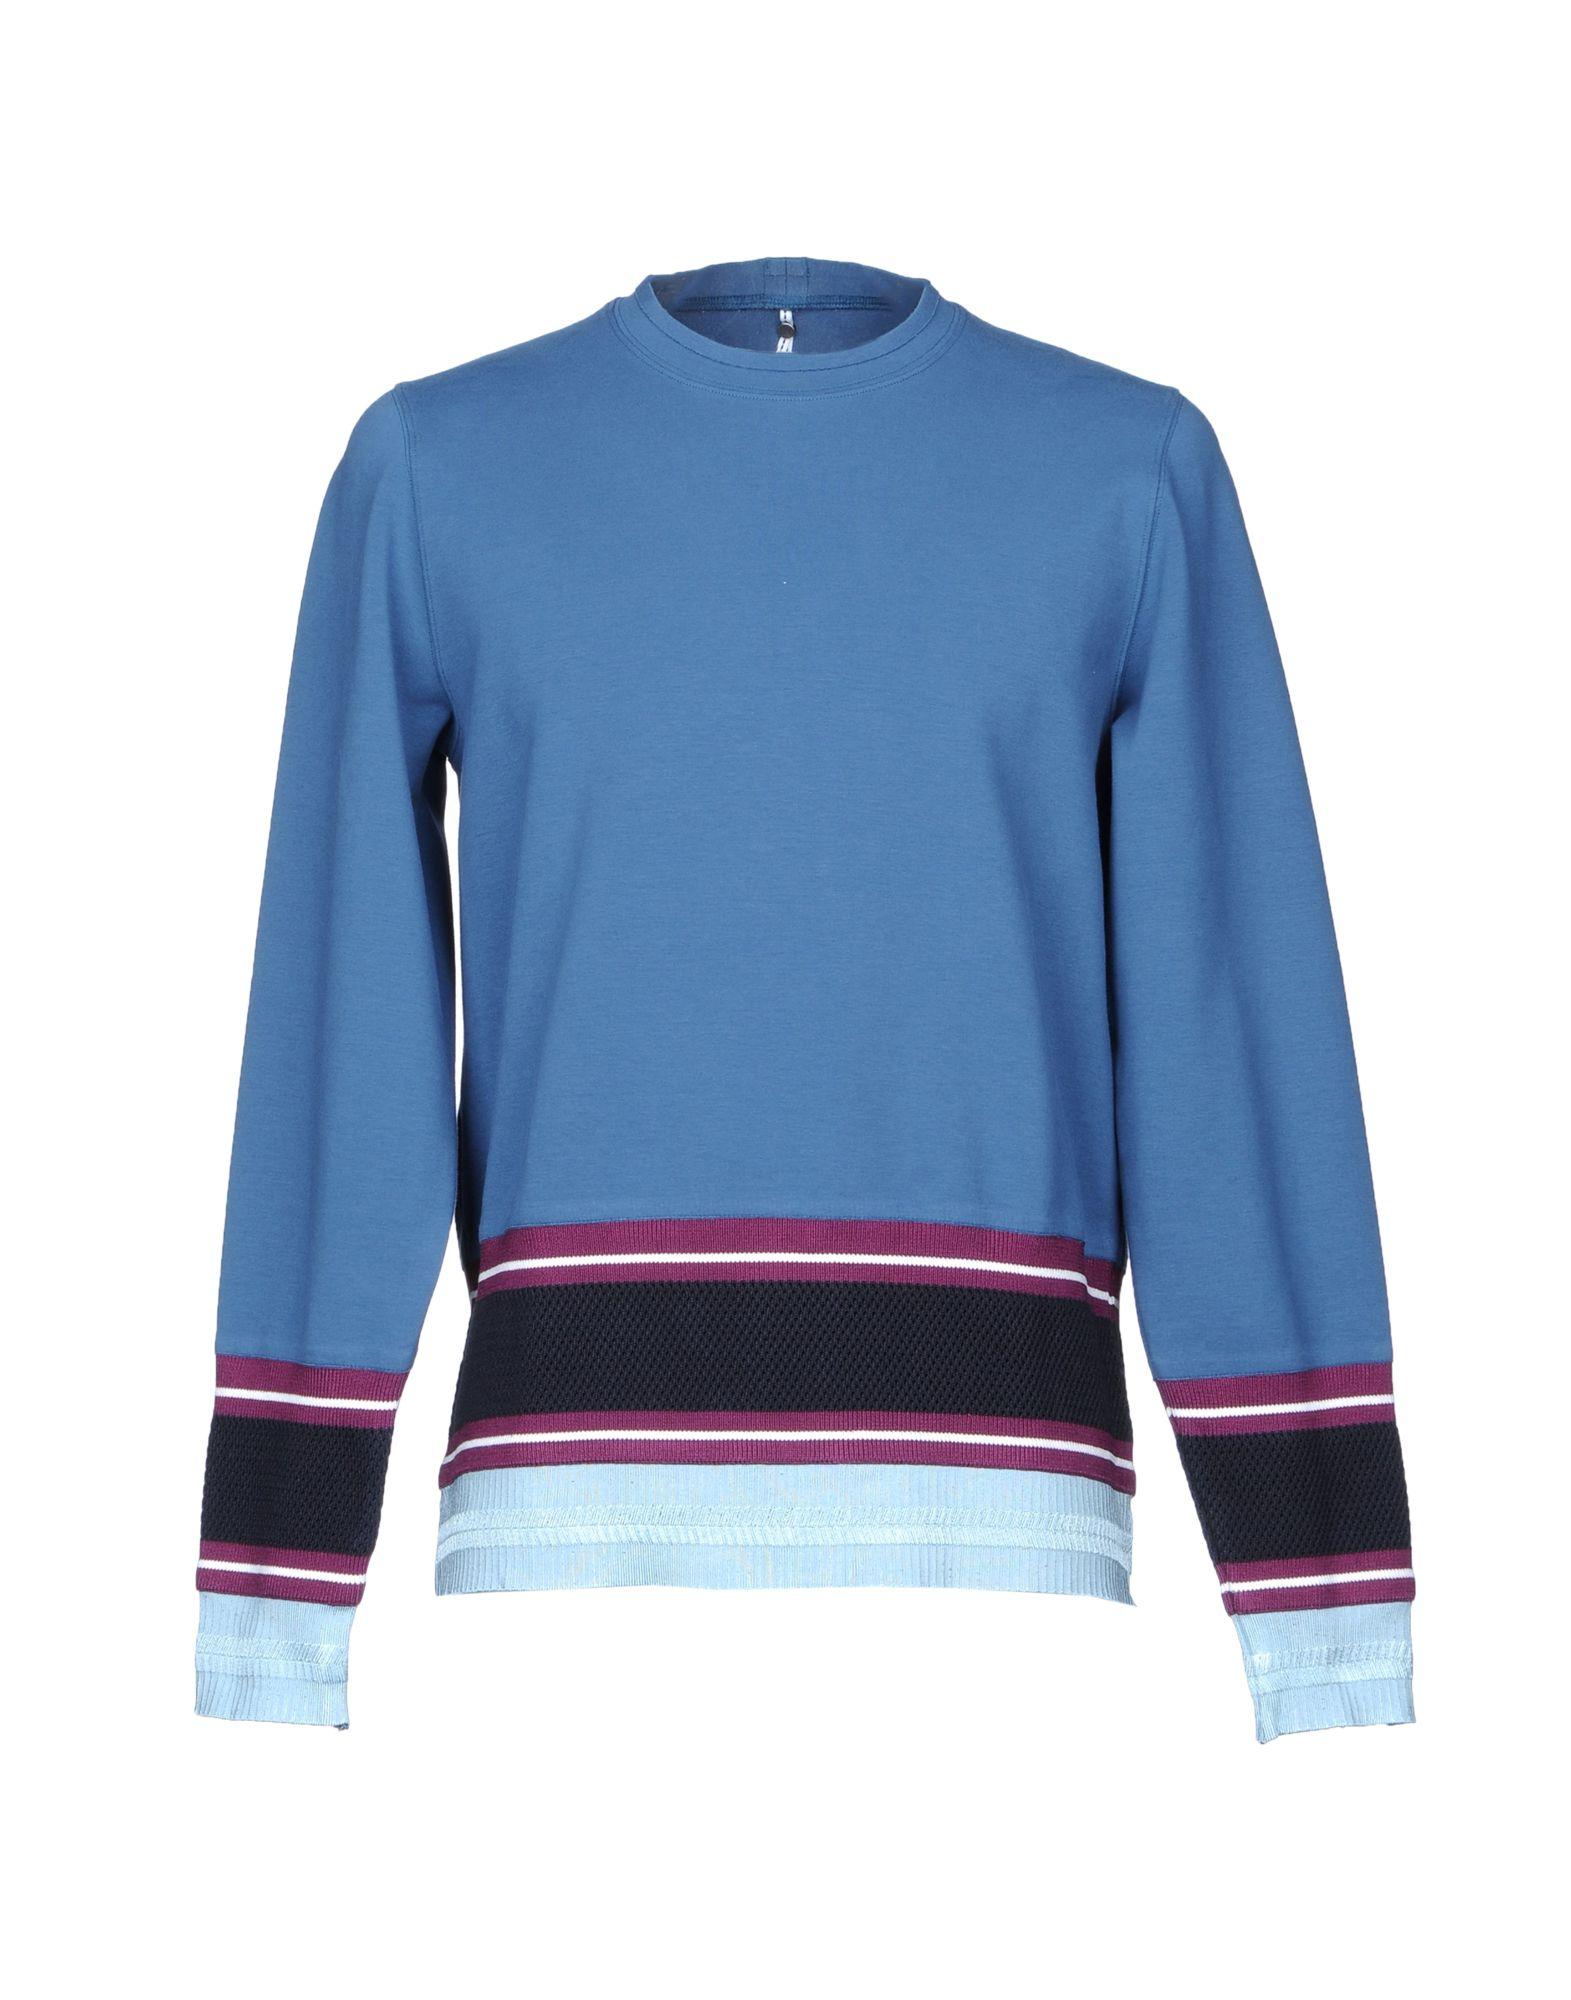 OAMC Herren Sweatshirt Farbe Taubenblau Größe 7 jetztbilligerkaufen